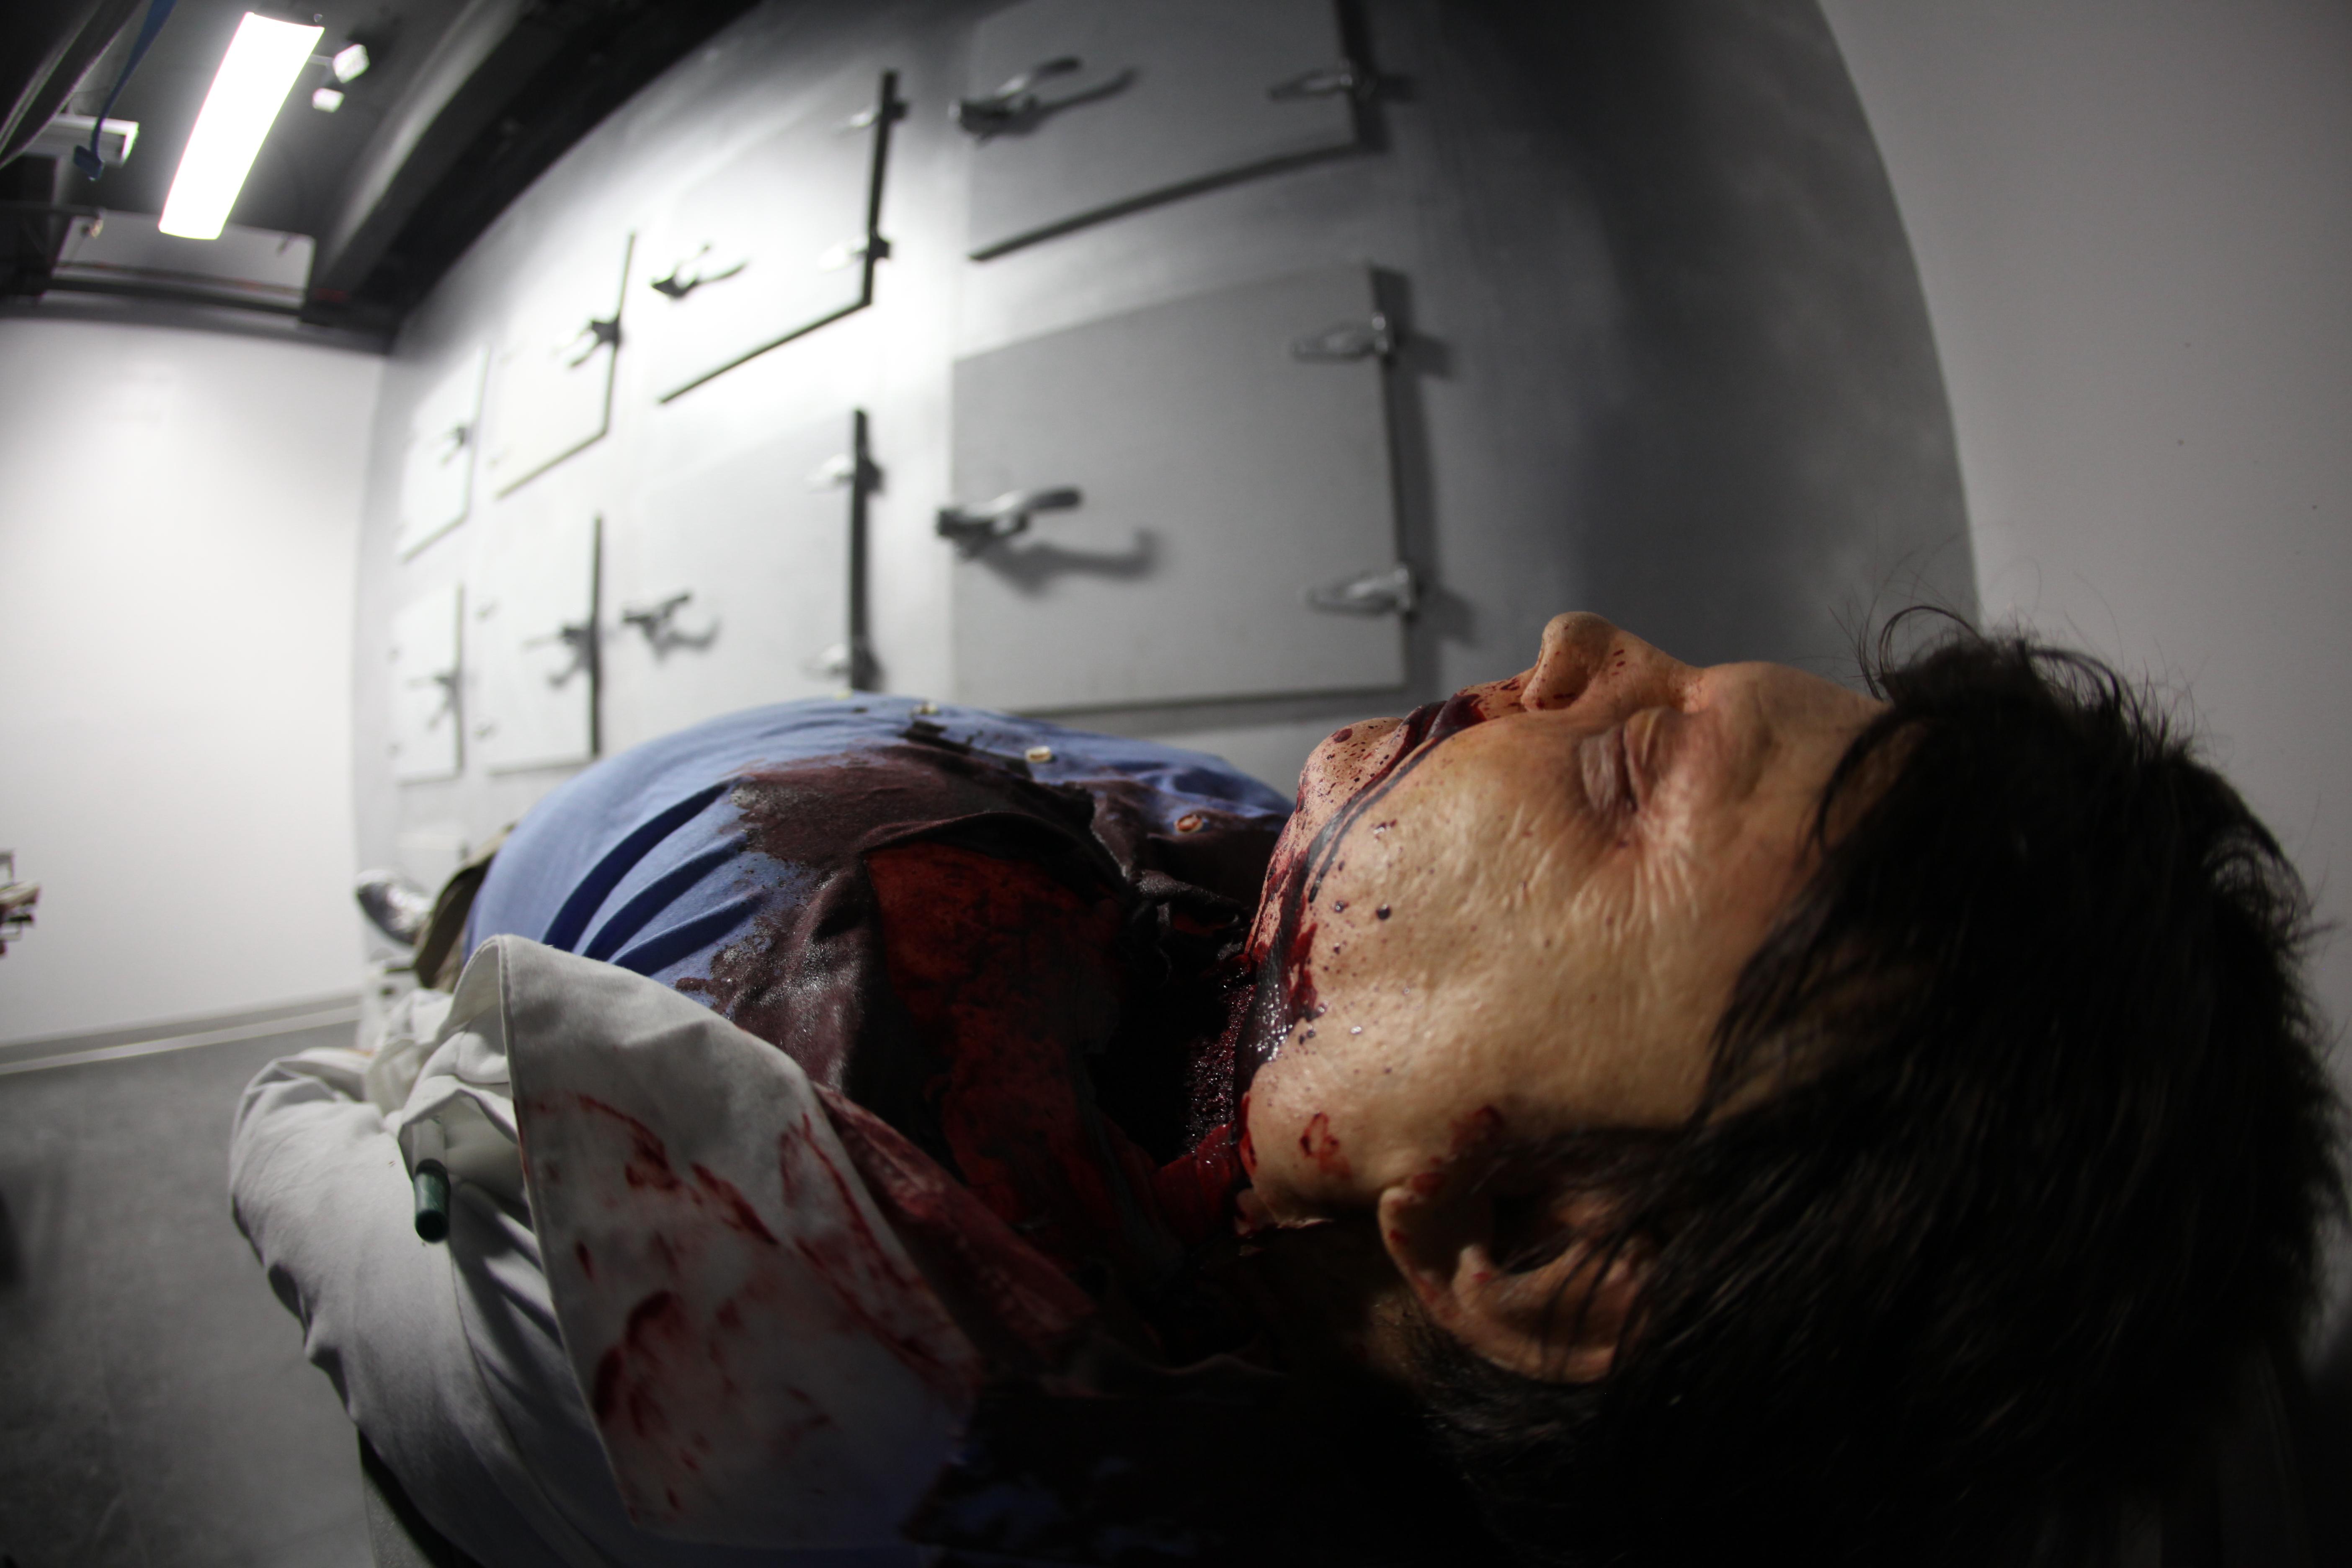 mb-hl-morgue1.jpg